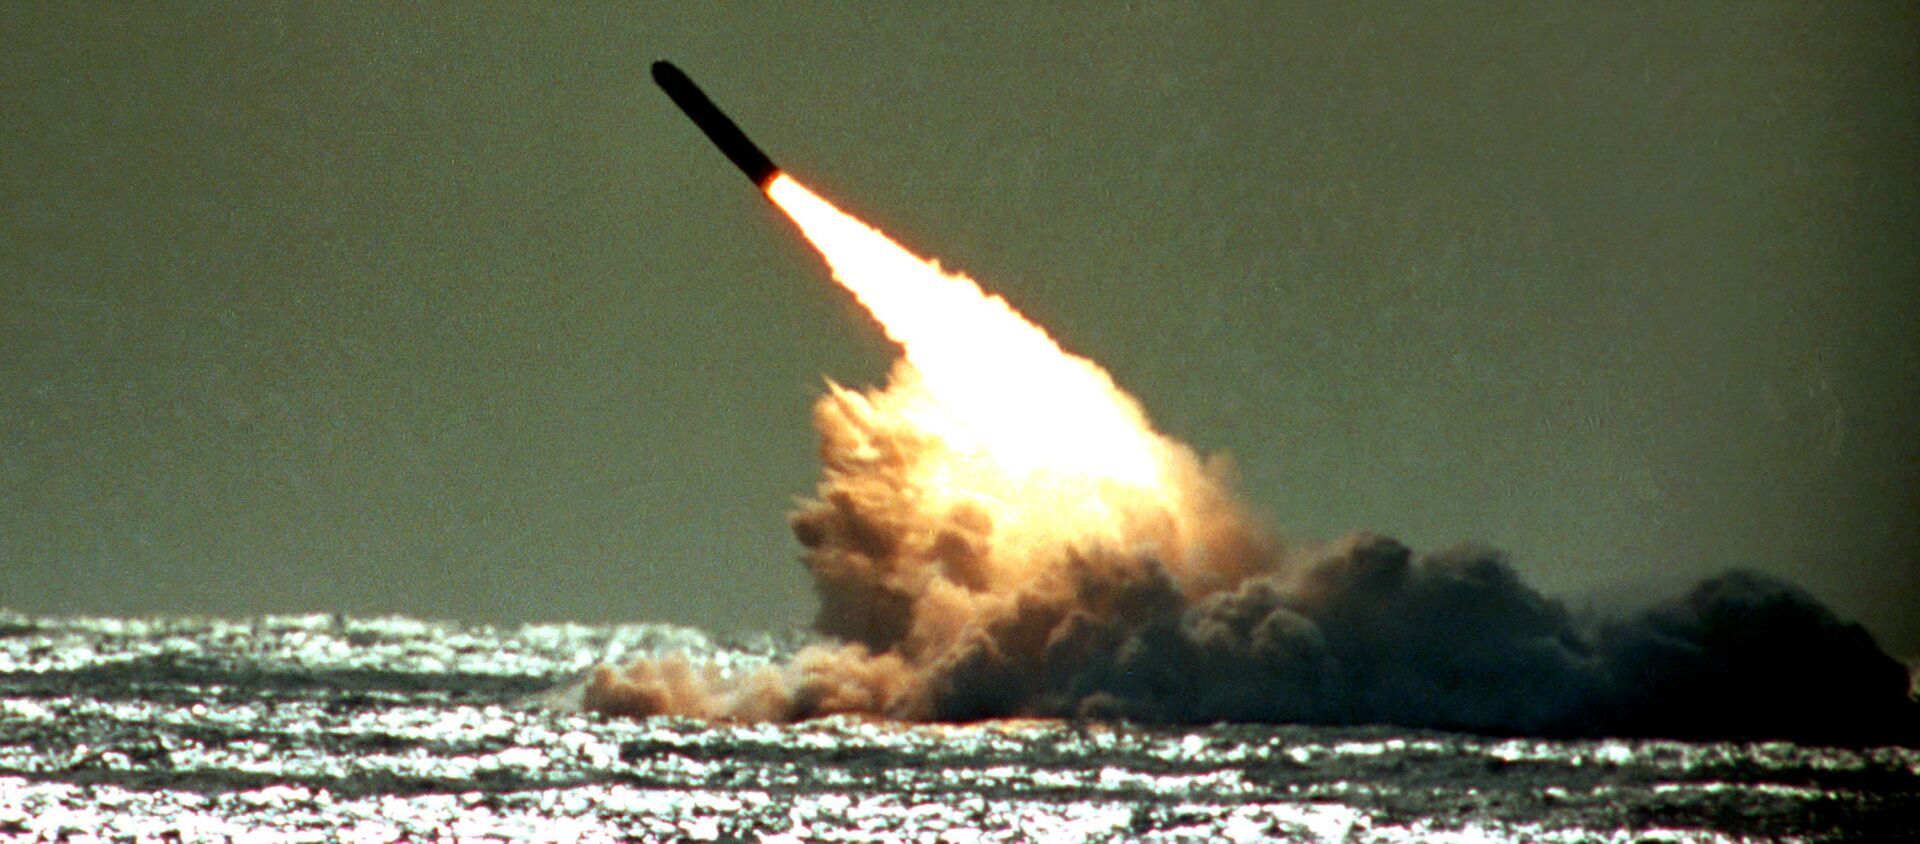 Phóng tên lửa Trident trên biển ở Hoa Kỳ - Sputnik Việt Nam, 1920, 16.03.2021